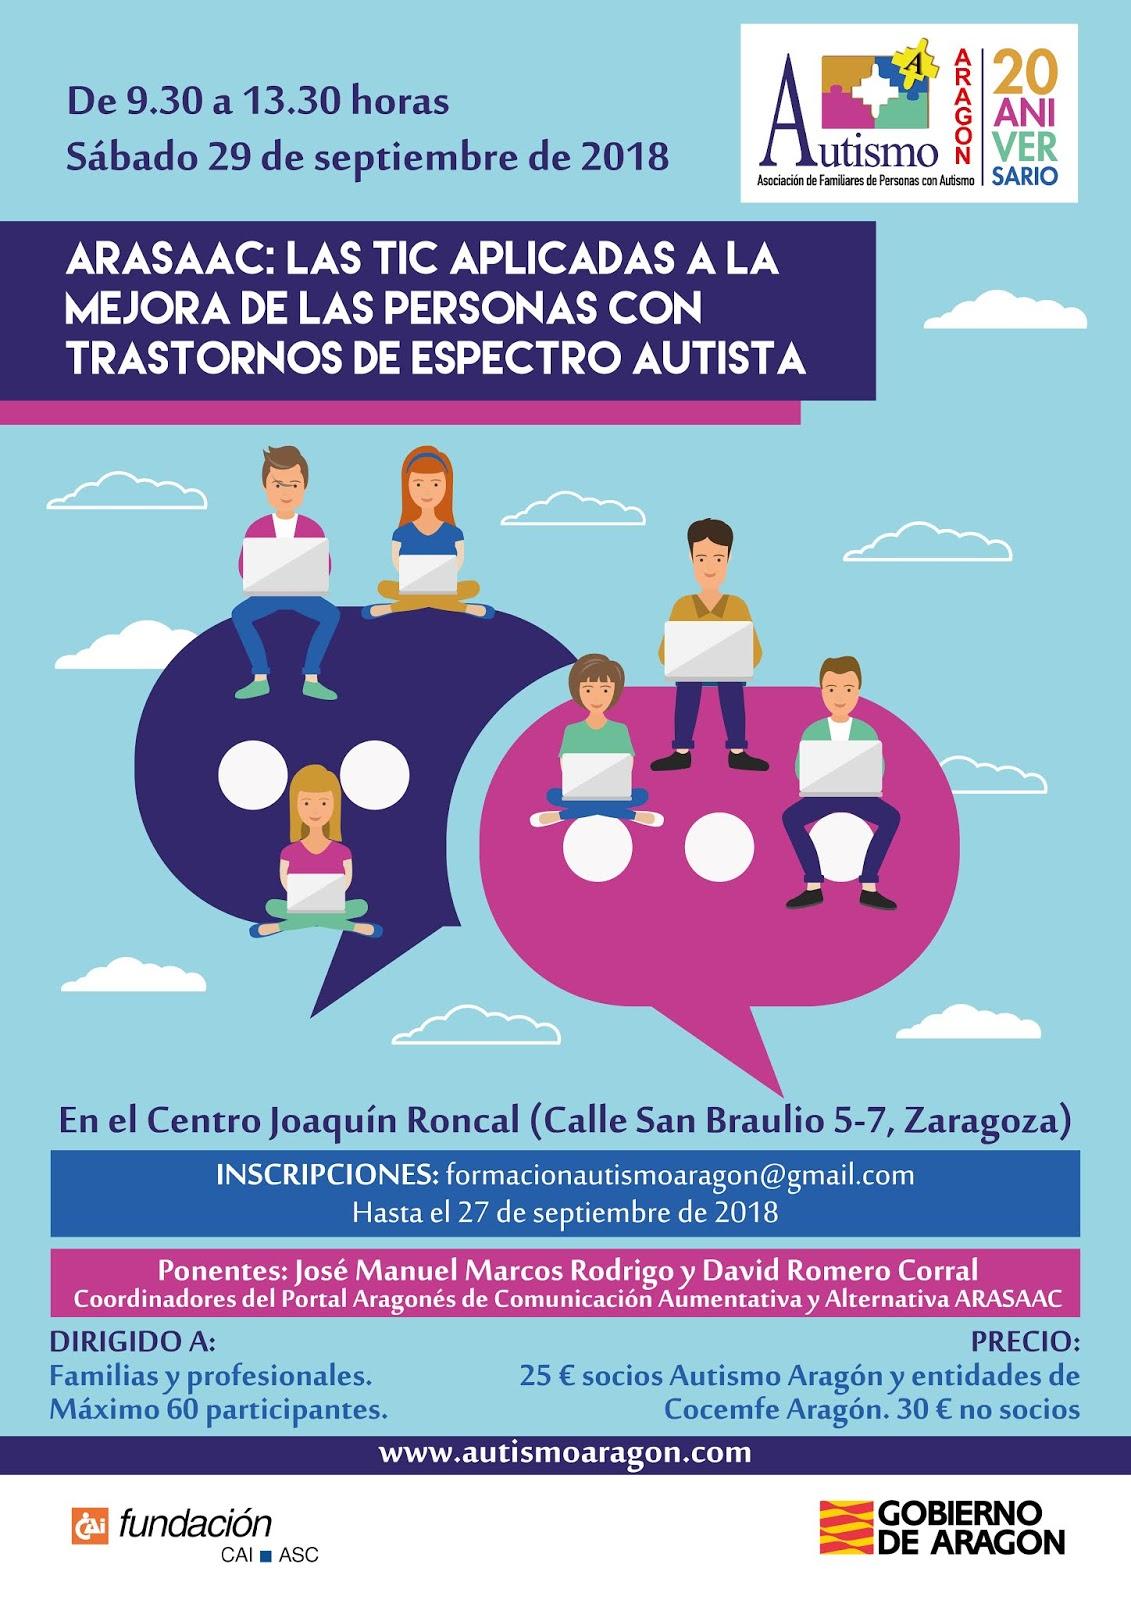 Últimos Días de inscripción Curso ARASAAC - Autismo Aragón